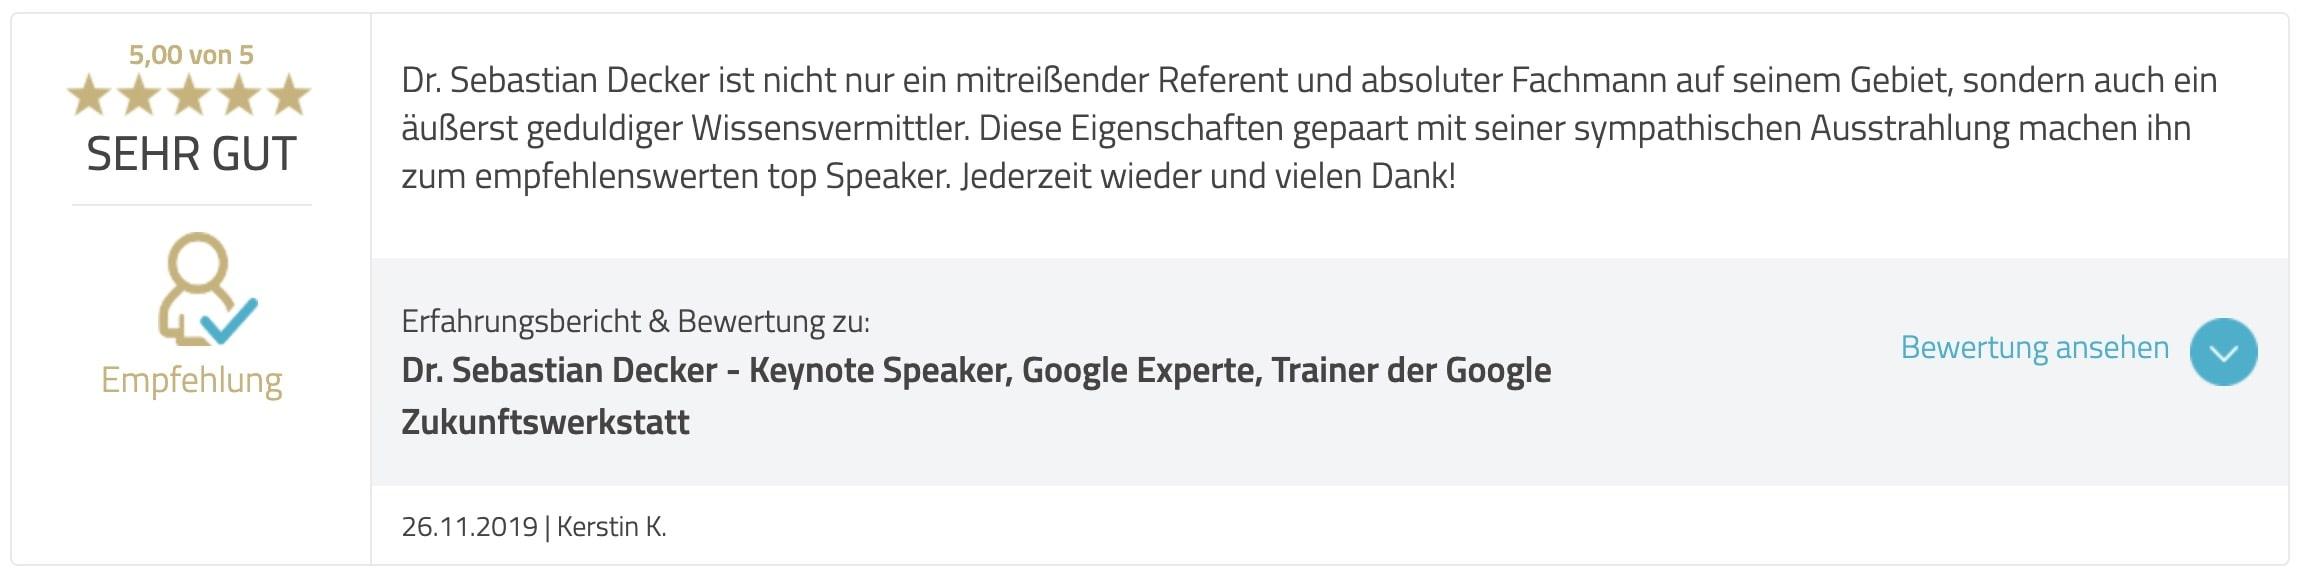 Bewertung Kerstin Google Ads Academy